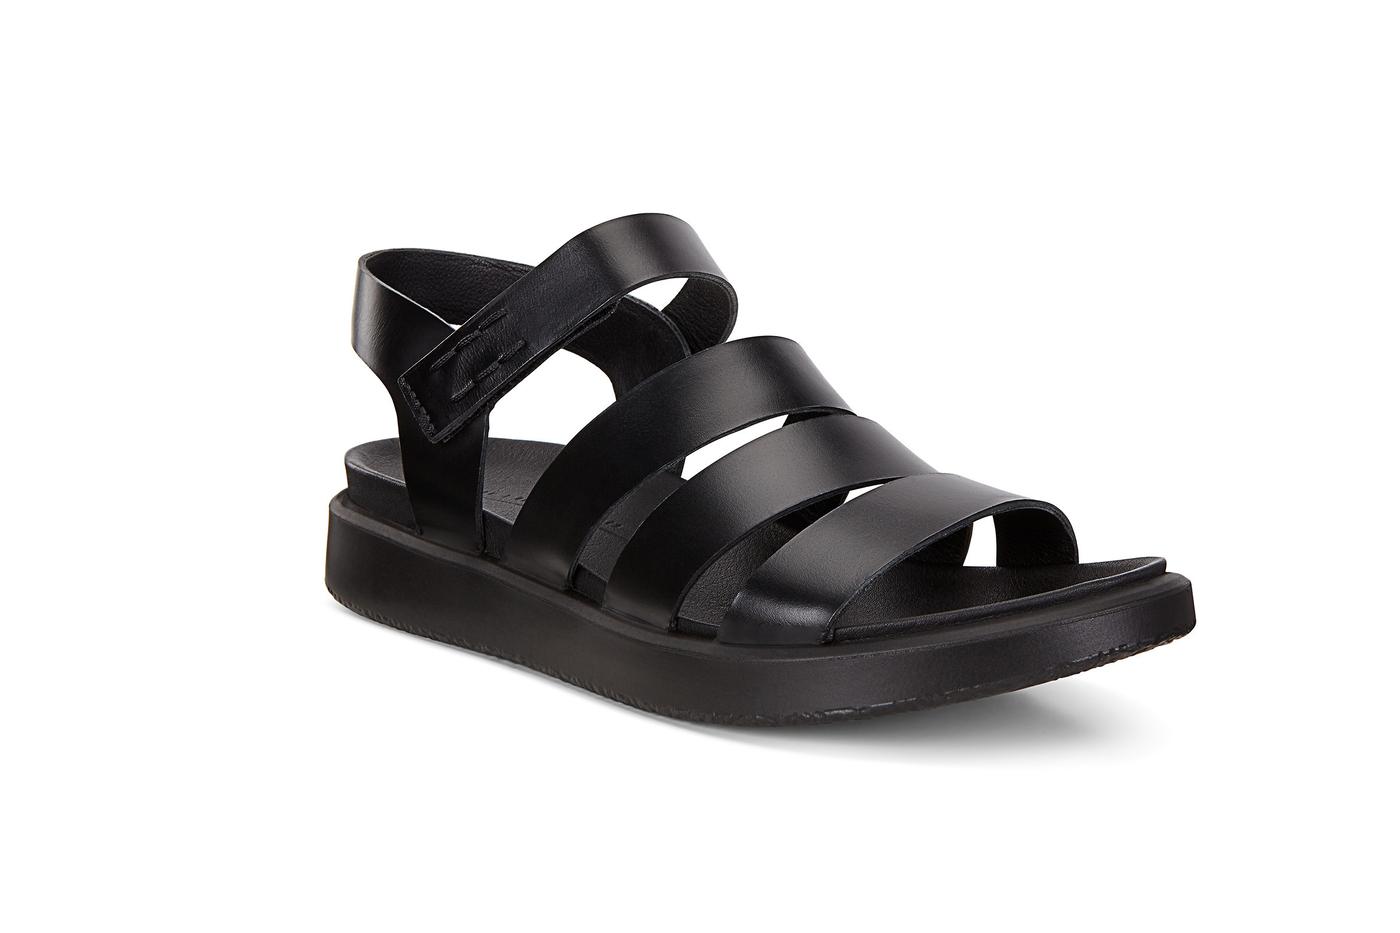 ECCO FLOWT LX Women's Sandal